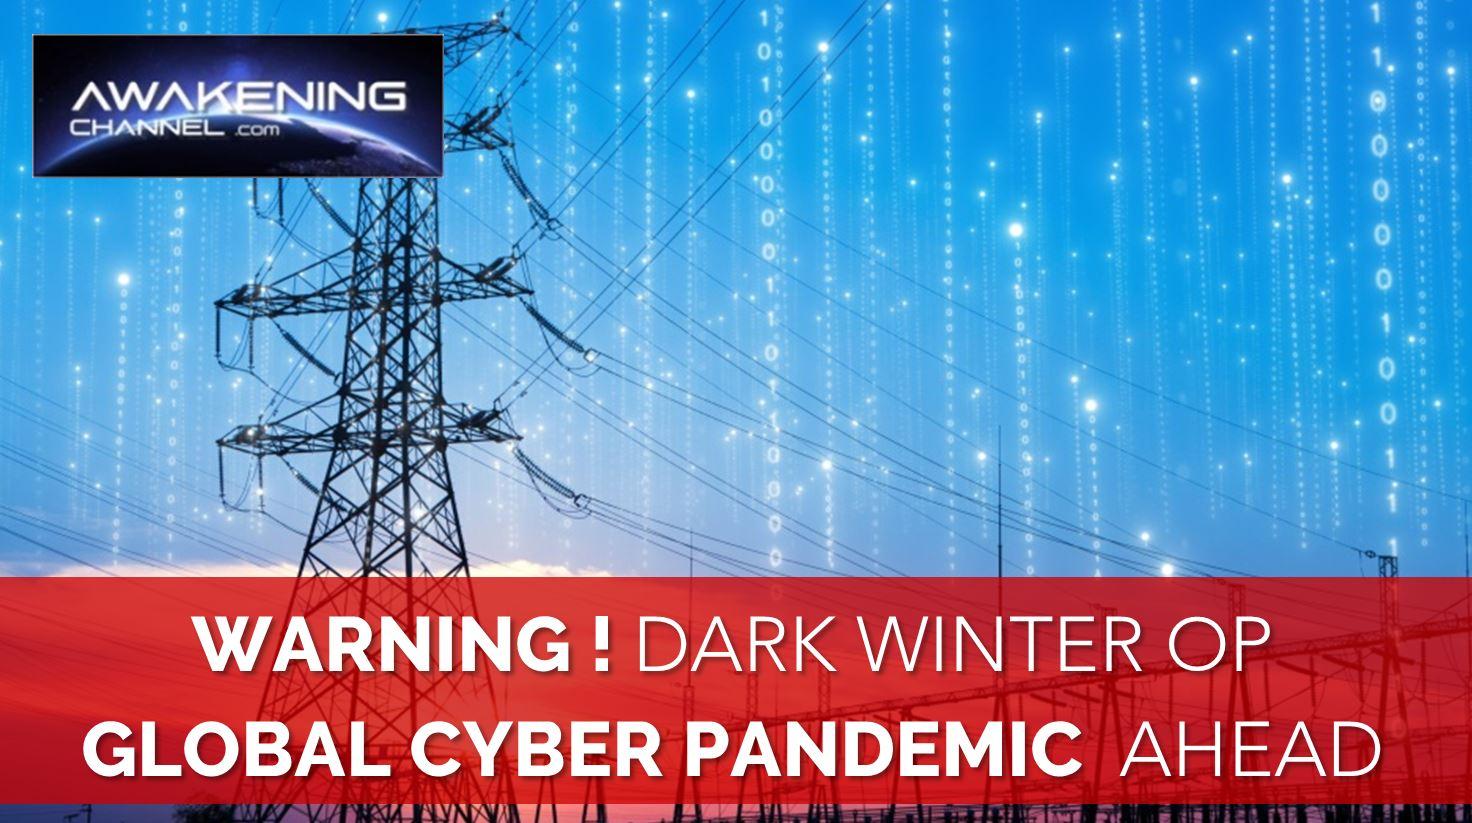 WARNING! Global Cyber Pandemic Ahead. Dark Winter Op